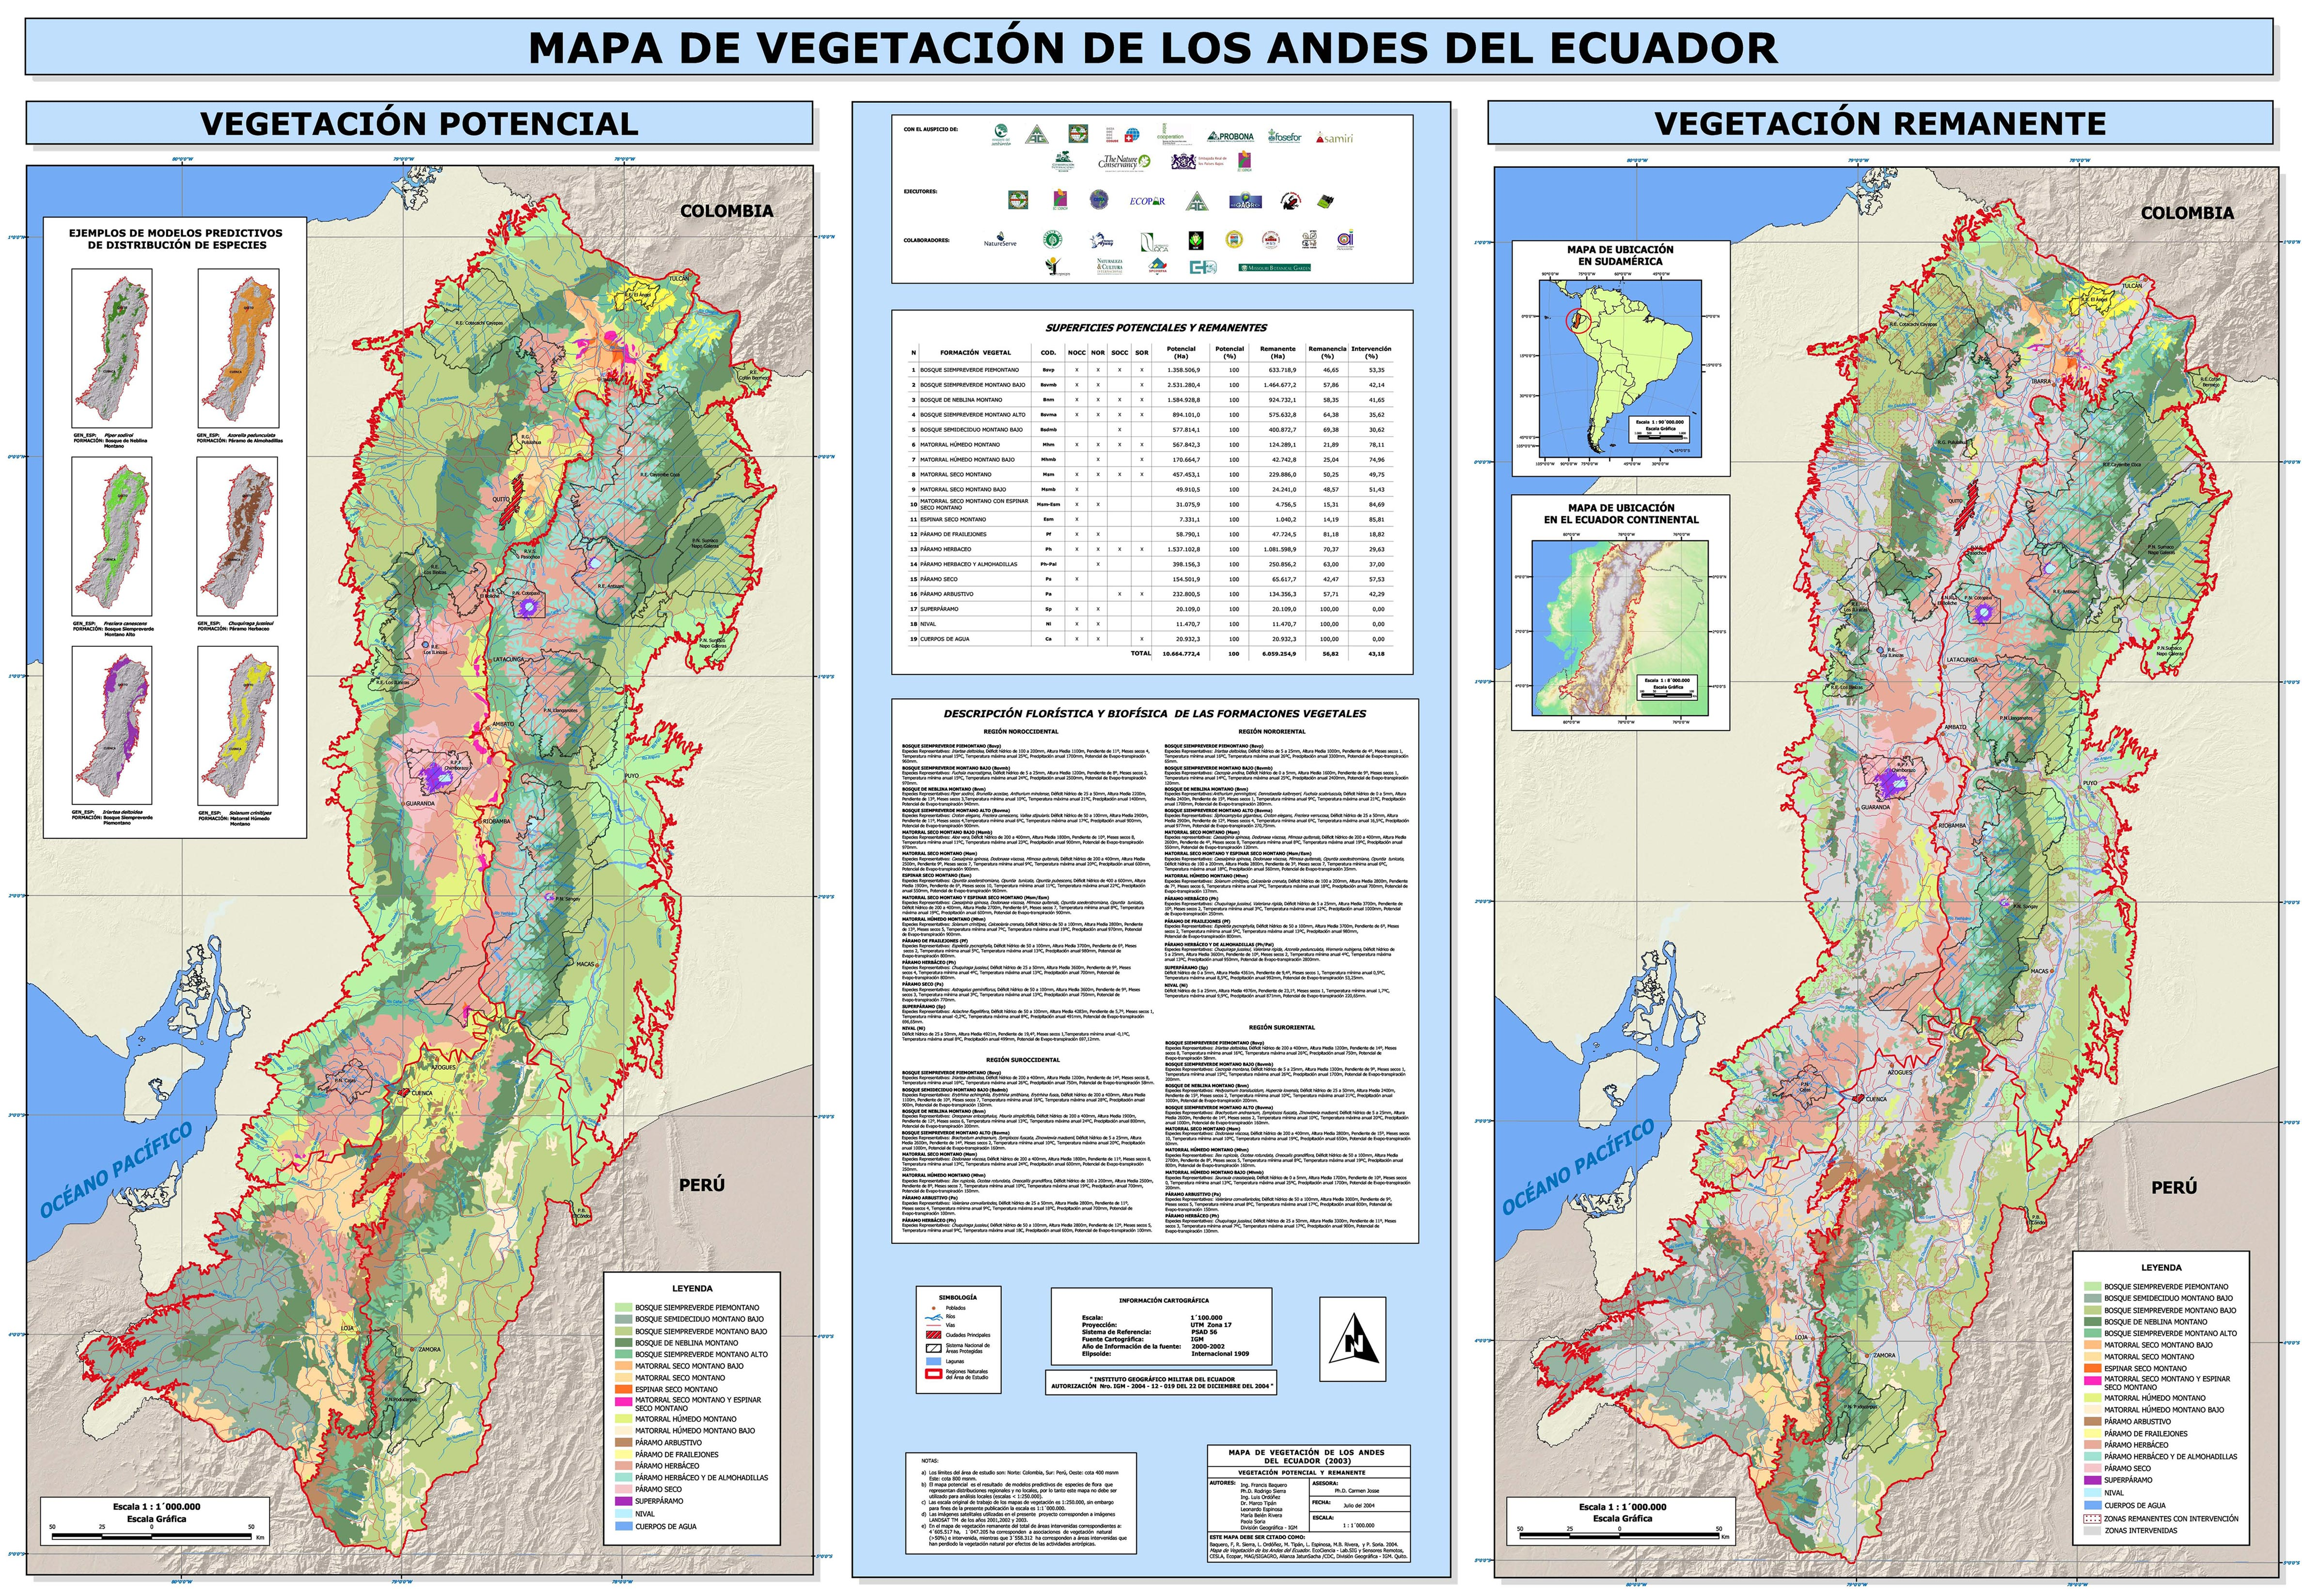 Mapa de Vegetación de los Andes del Ecuador 2003